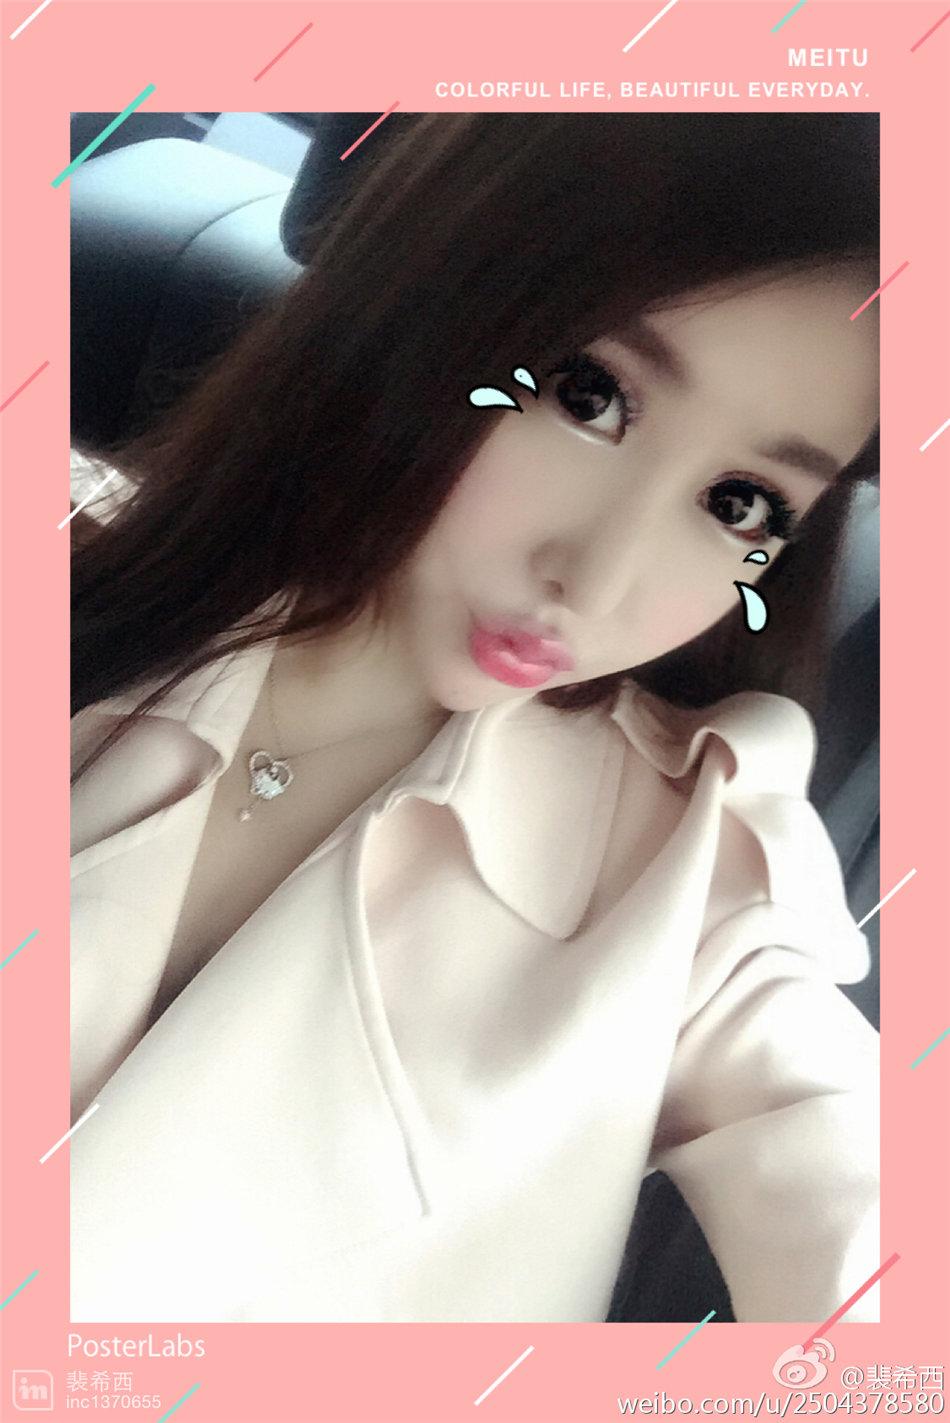 性感巨乳美女裴希西自拍可爱卖萌图片